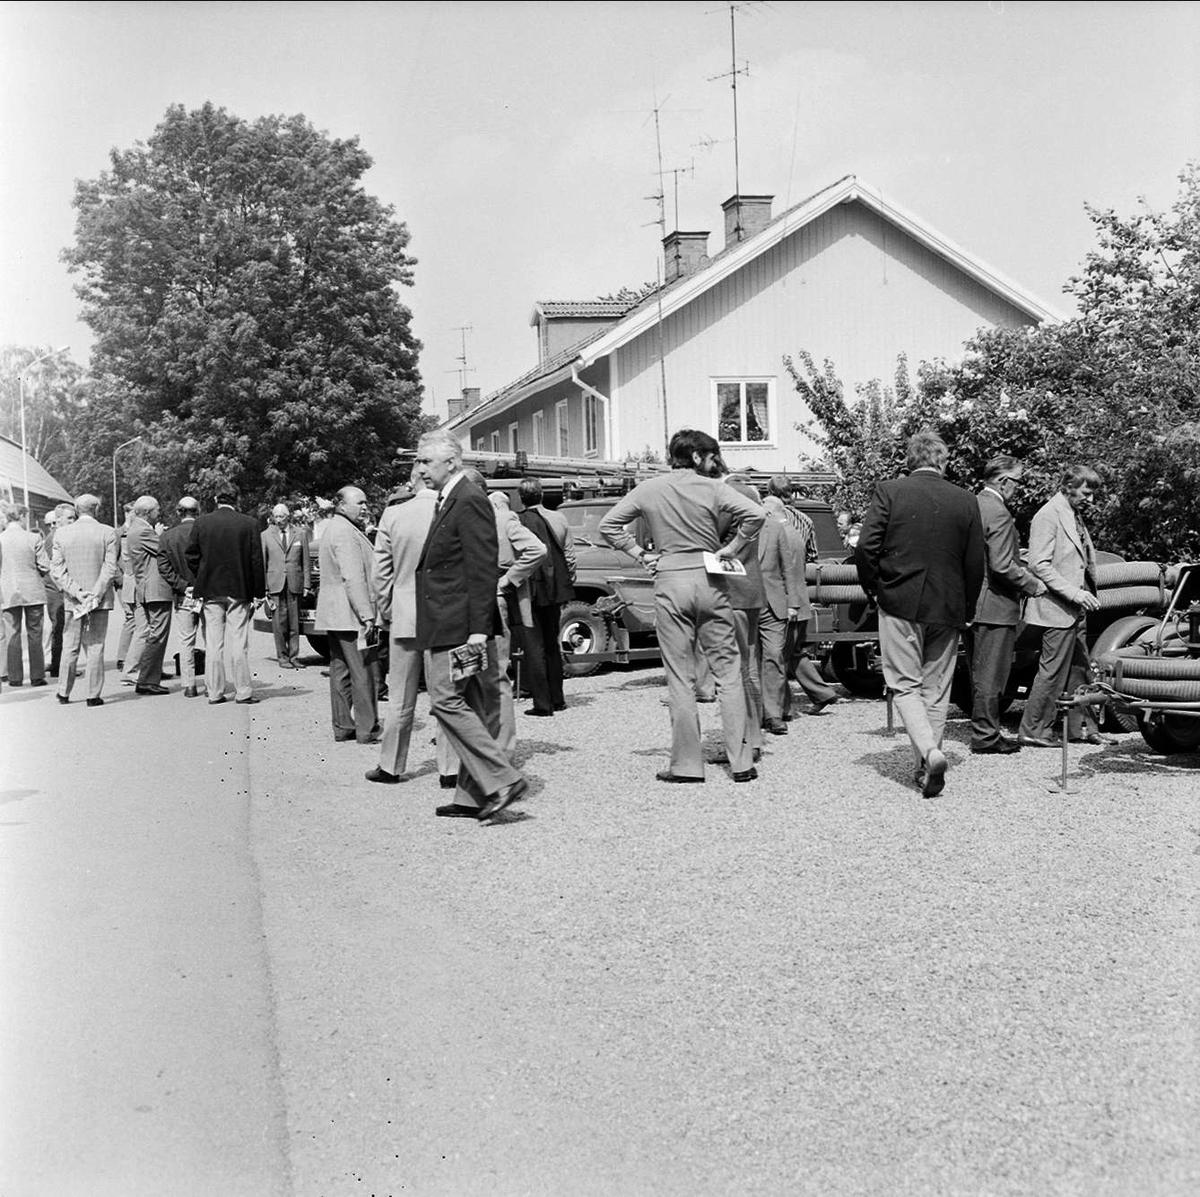 Tierps storkommun får nytt brandförsvar, Tierp, Uppland juni 1973